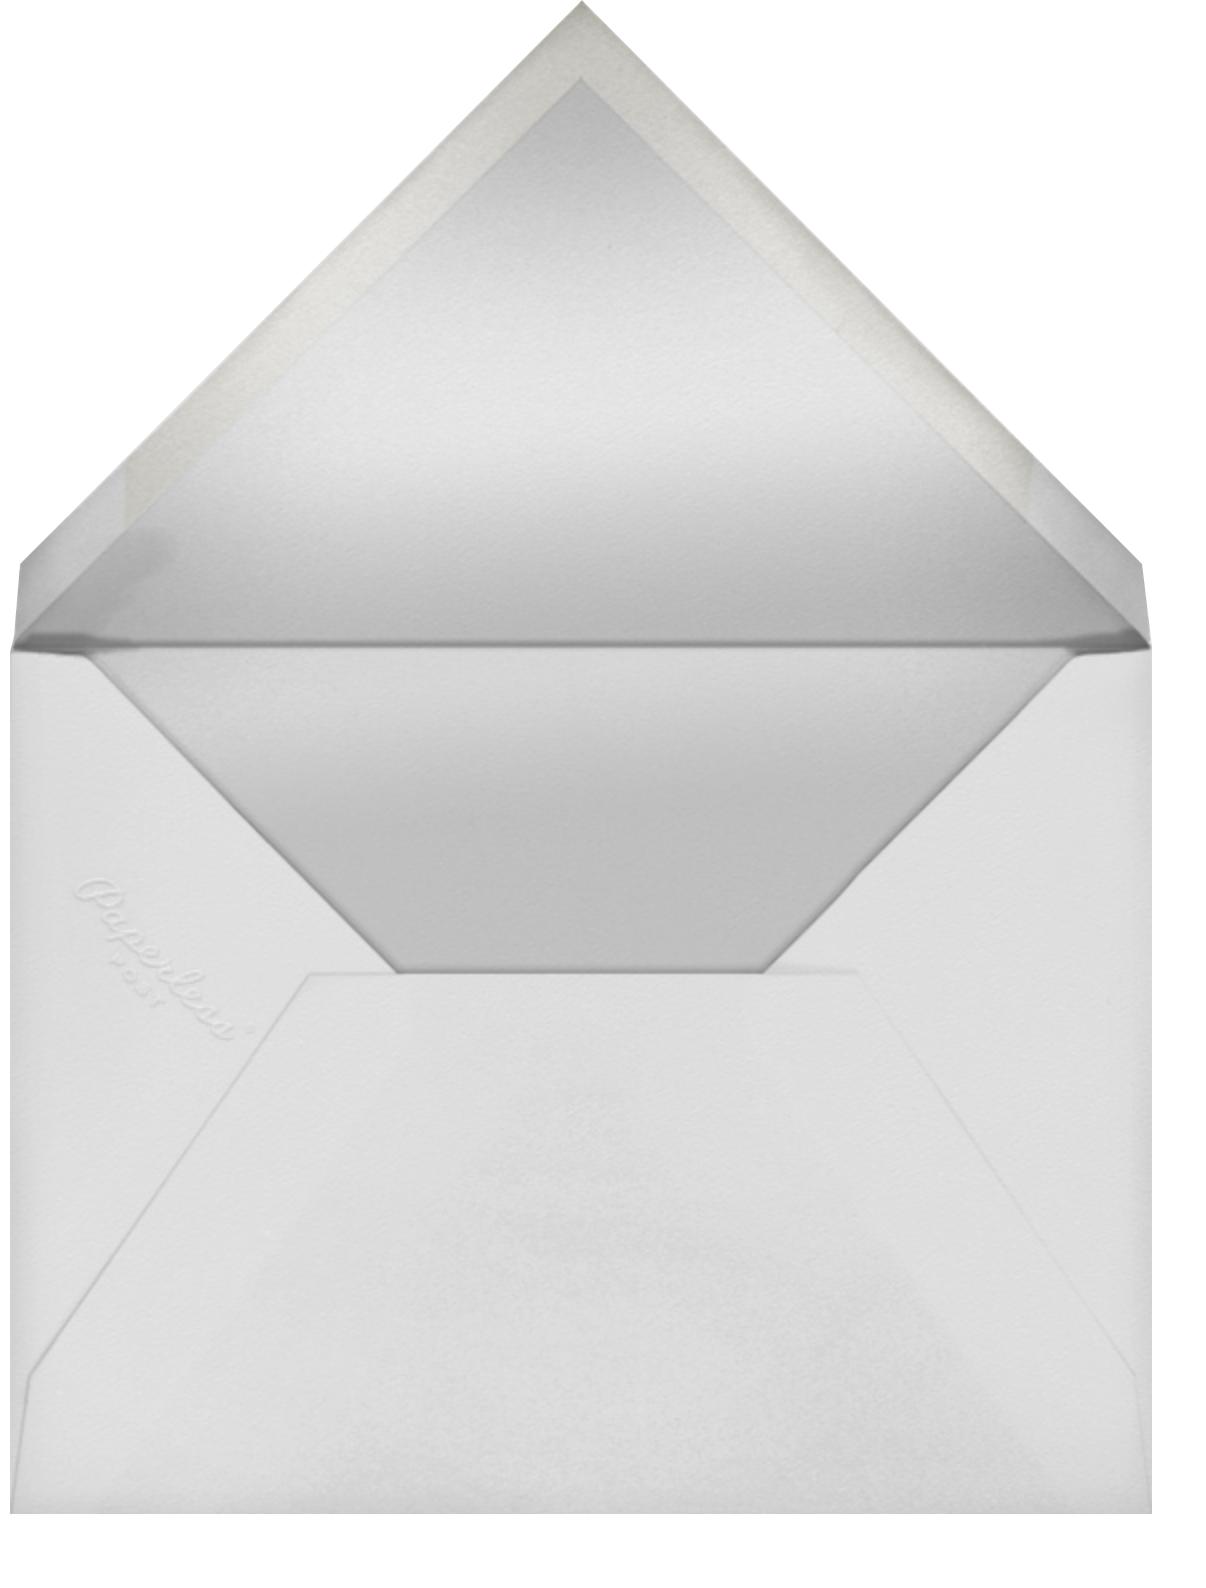 Bulletin (Menu) - Slate - Paperless Post - Menus - envelope back